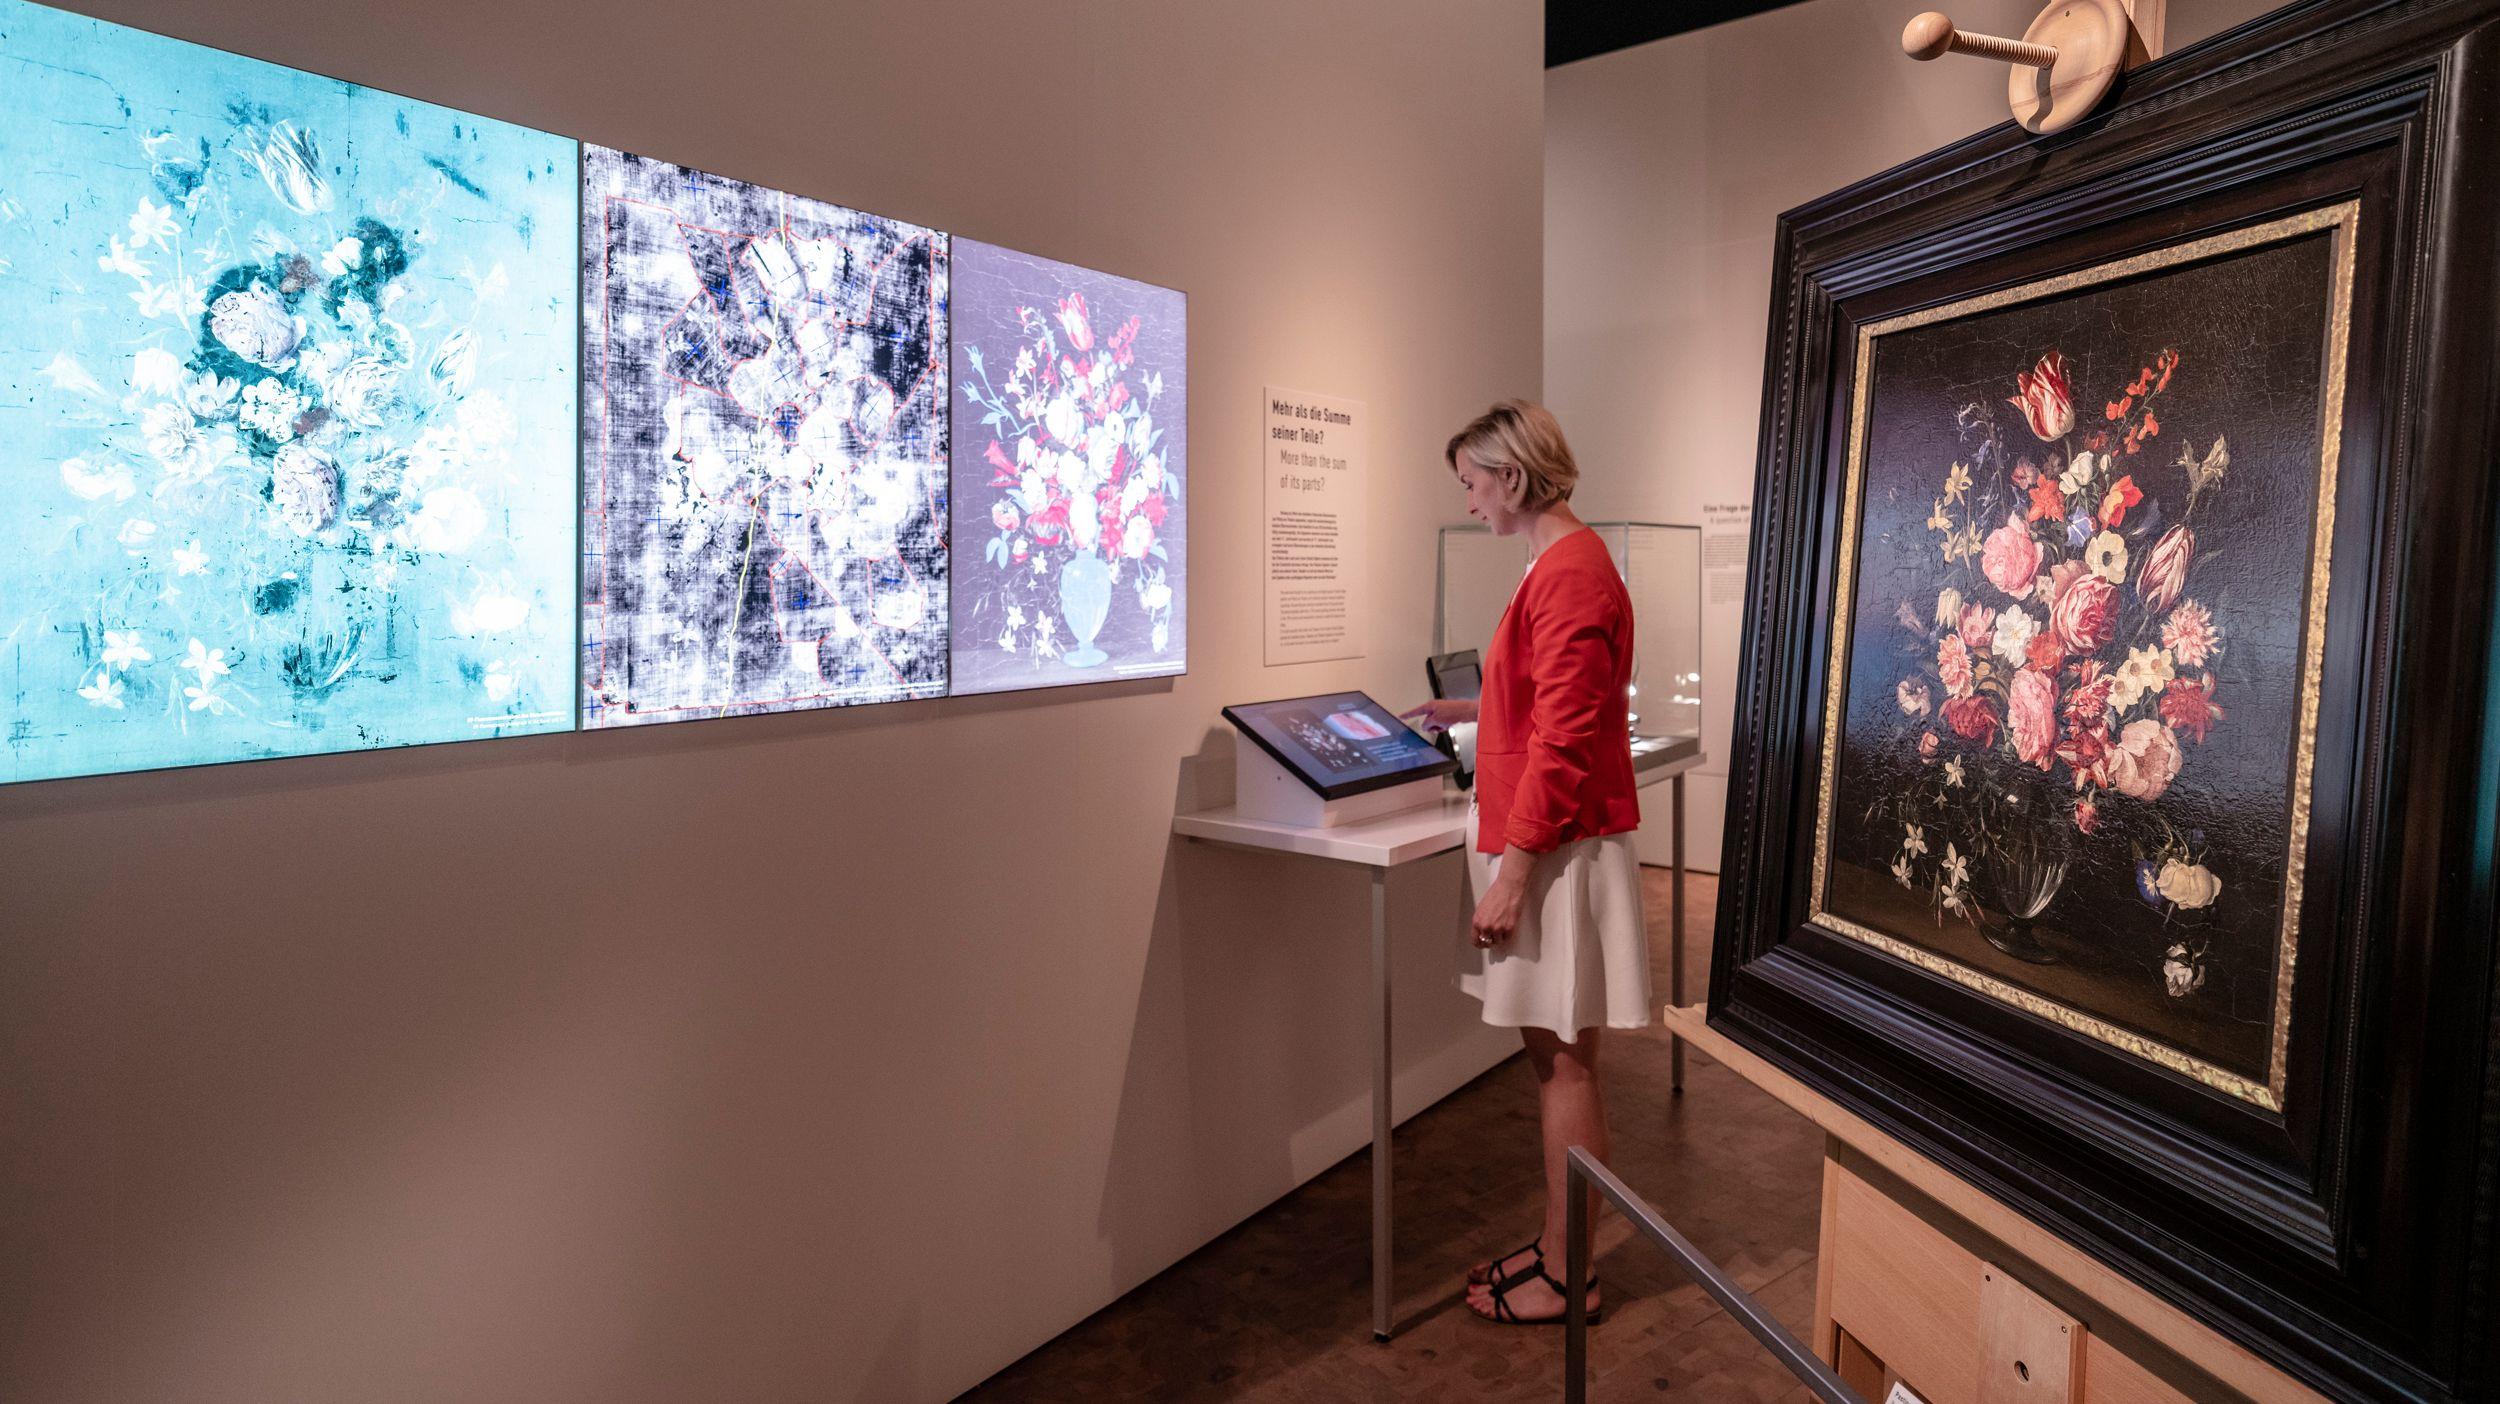 Eine Mitarbeiterin des Germanischen Nationalmuseums blickt auf einen Monitor